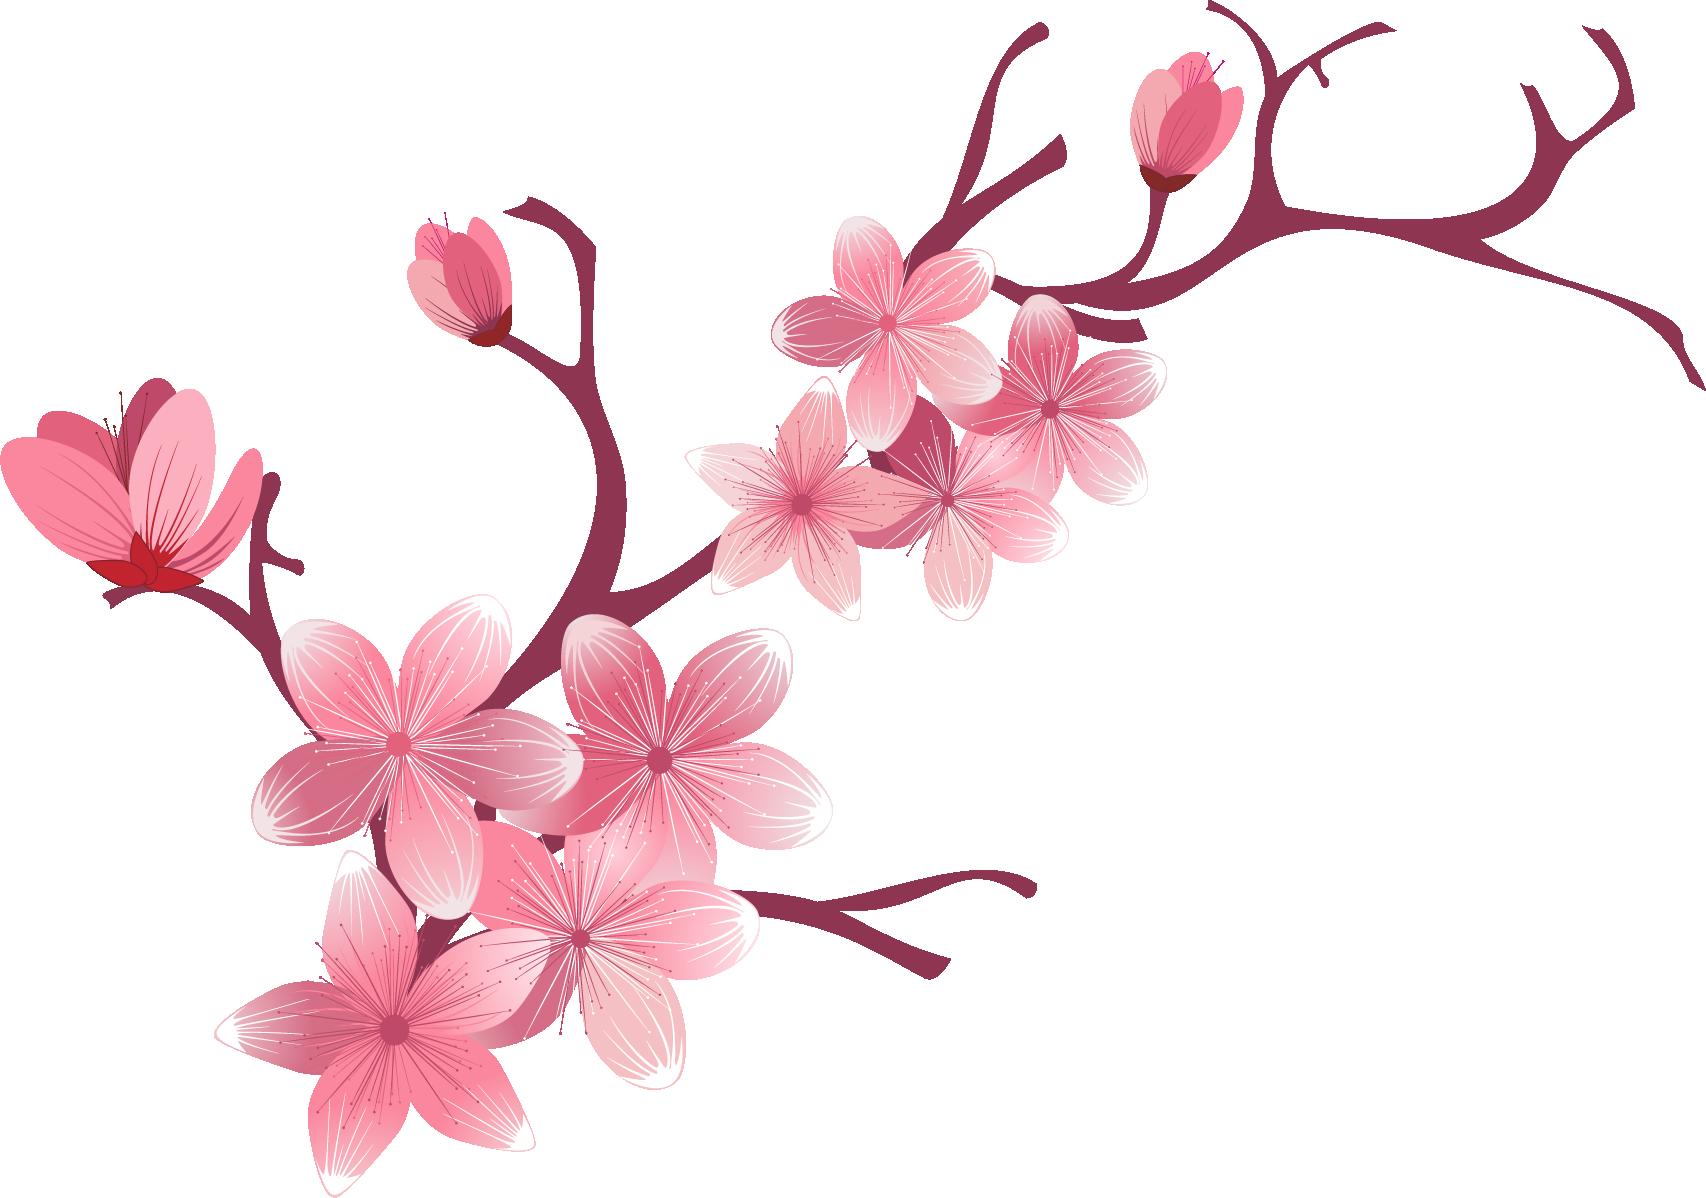 Ảnh hoa đào hồng đẹp